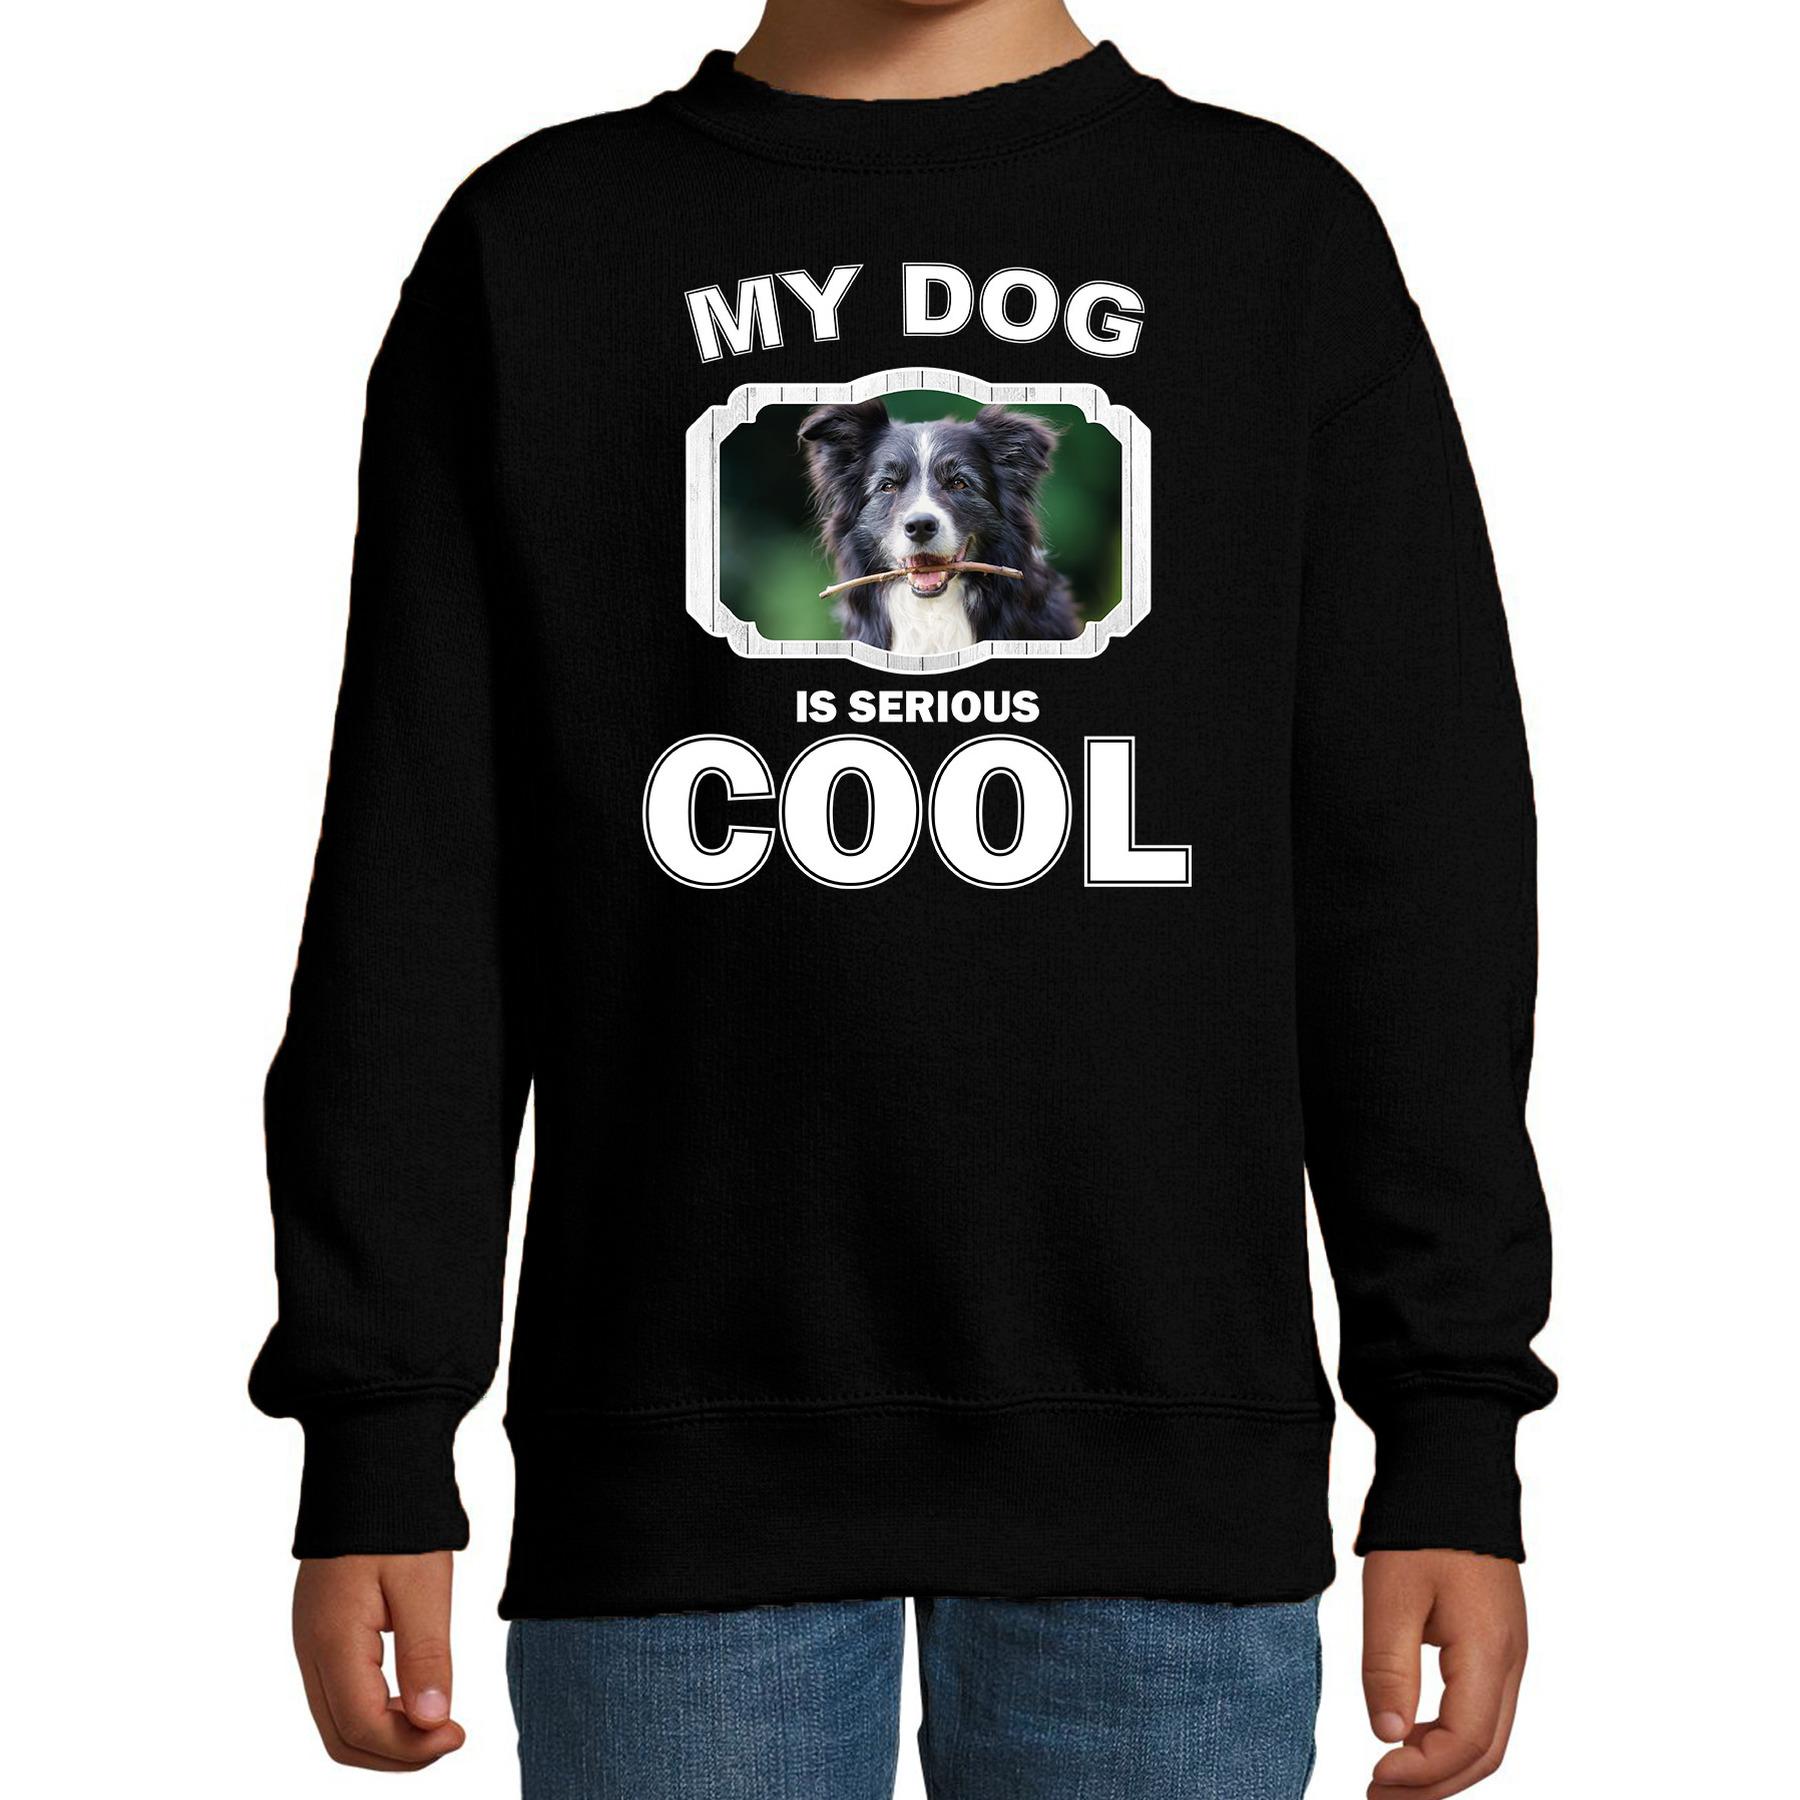 Honden liefhebber trui - sweater Border collie my dog is serious cool zwart voor kinderen